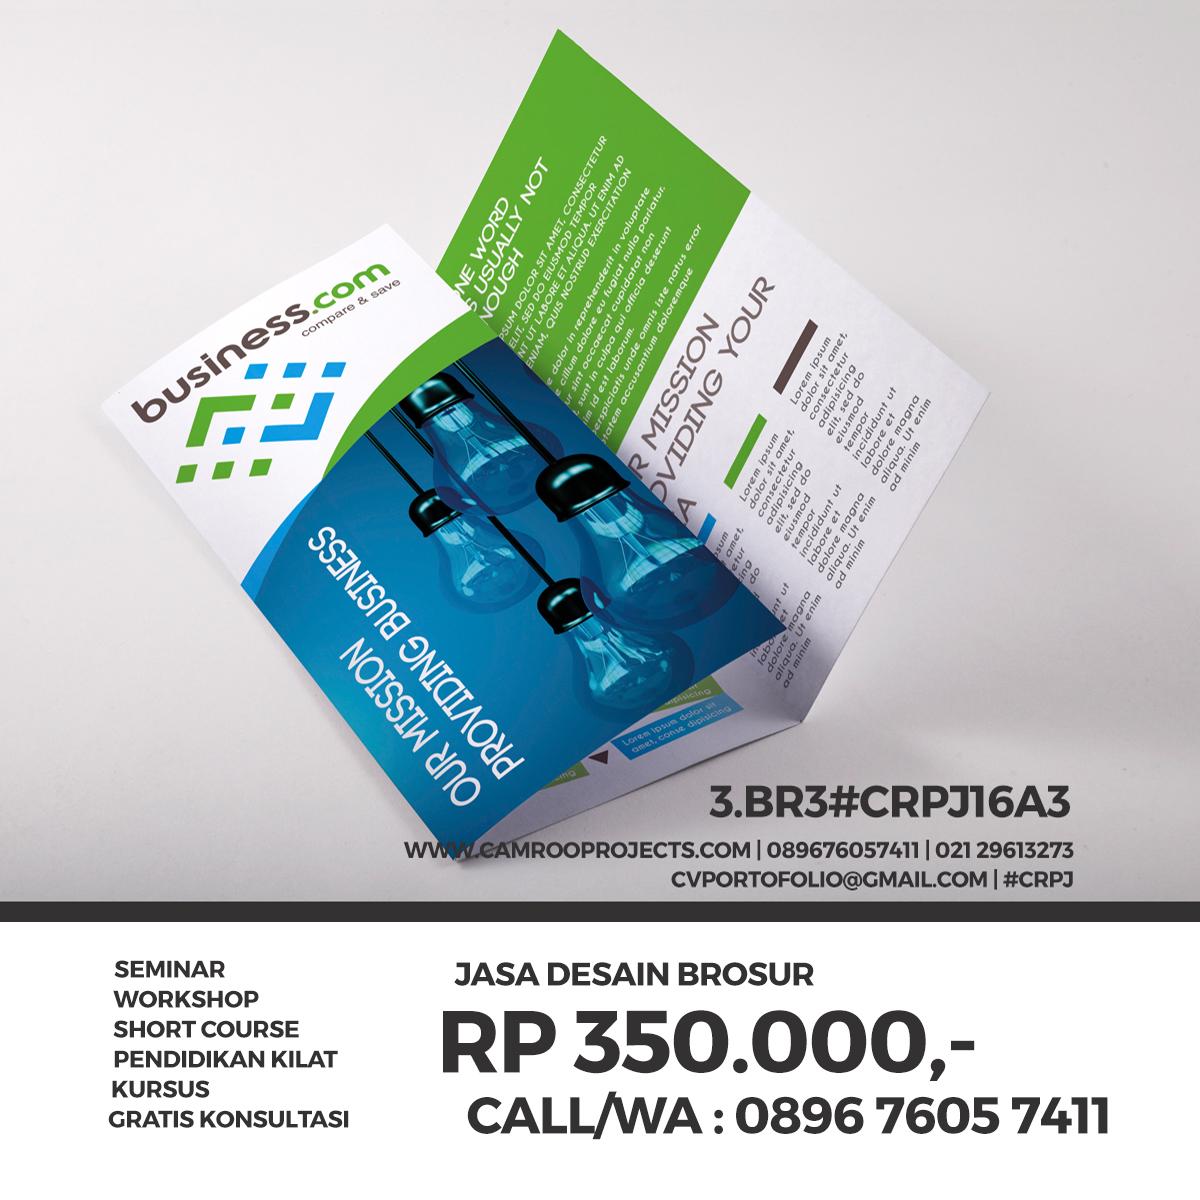 Jasa Desain Brosur | murah | Call/WA 0896 760 574 11